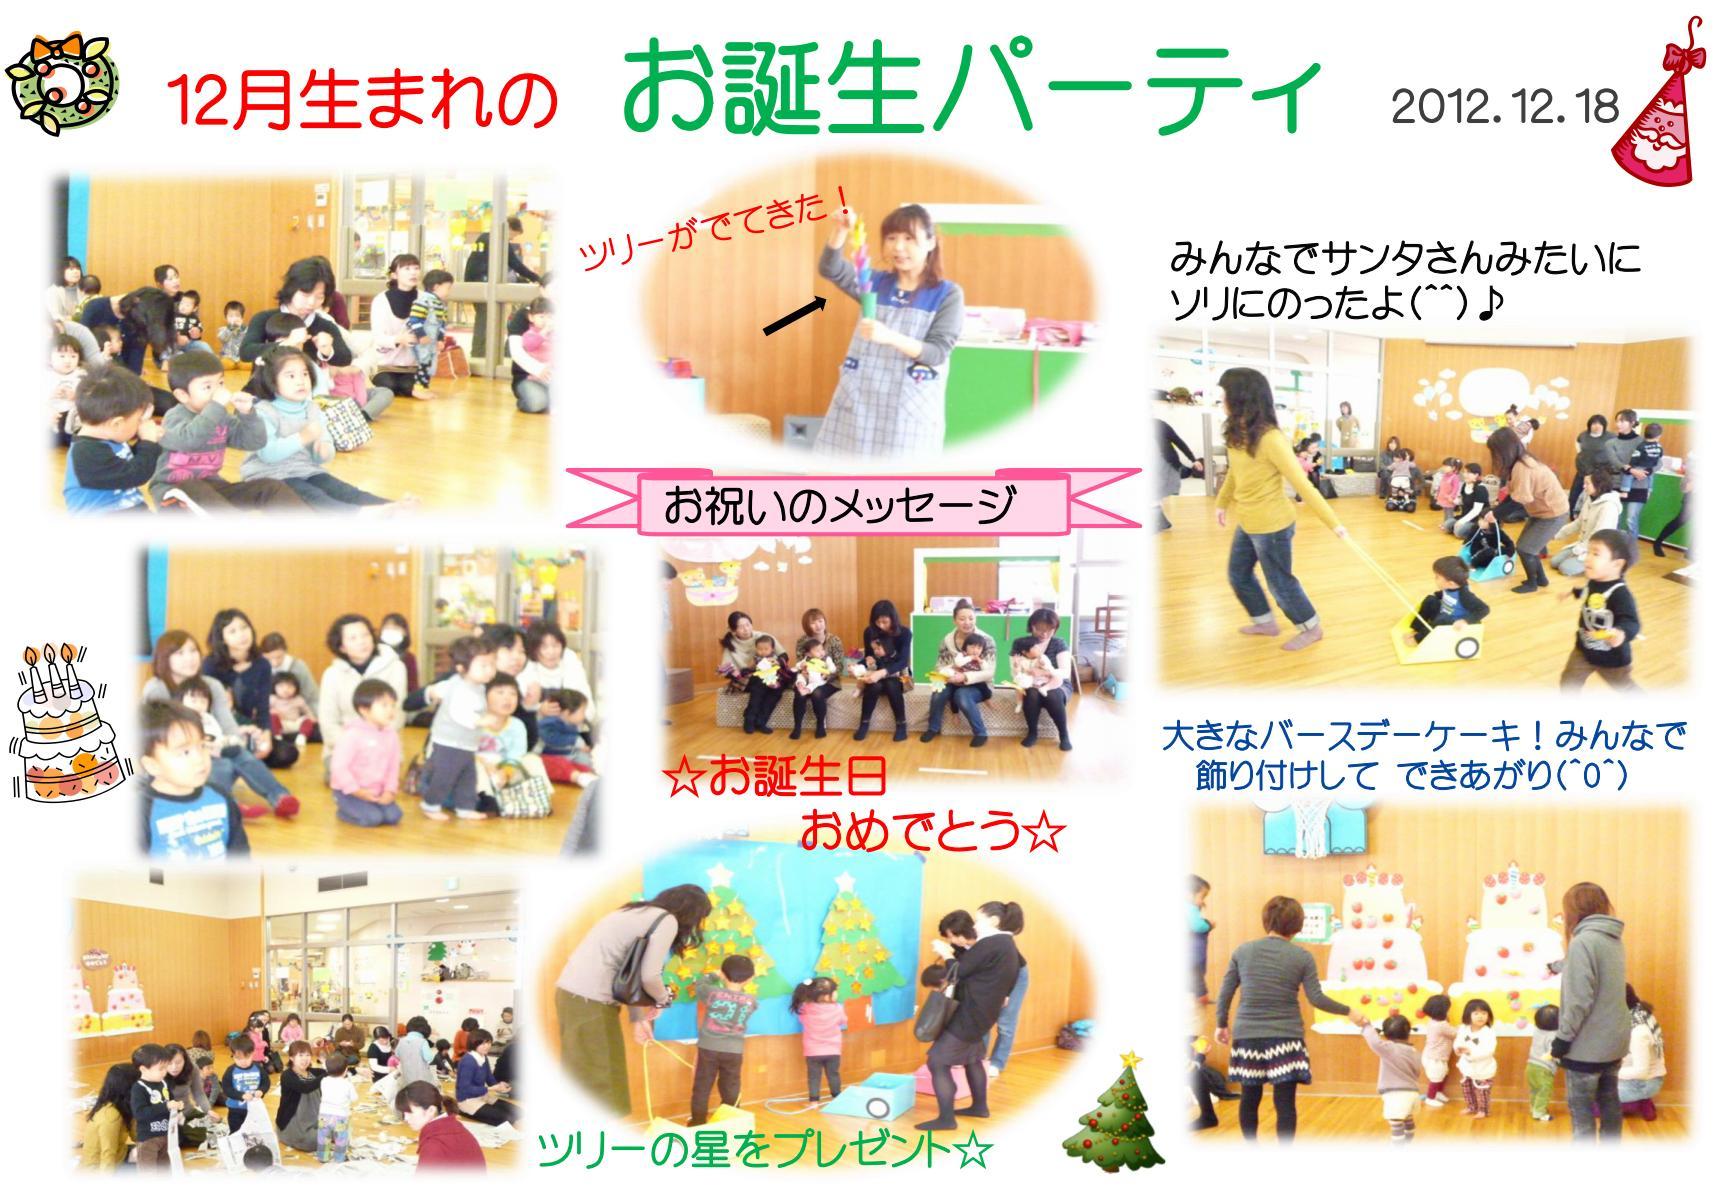 20121218お誕生日パーティ